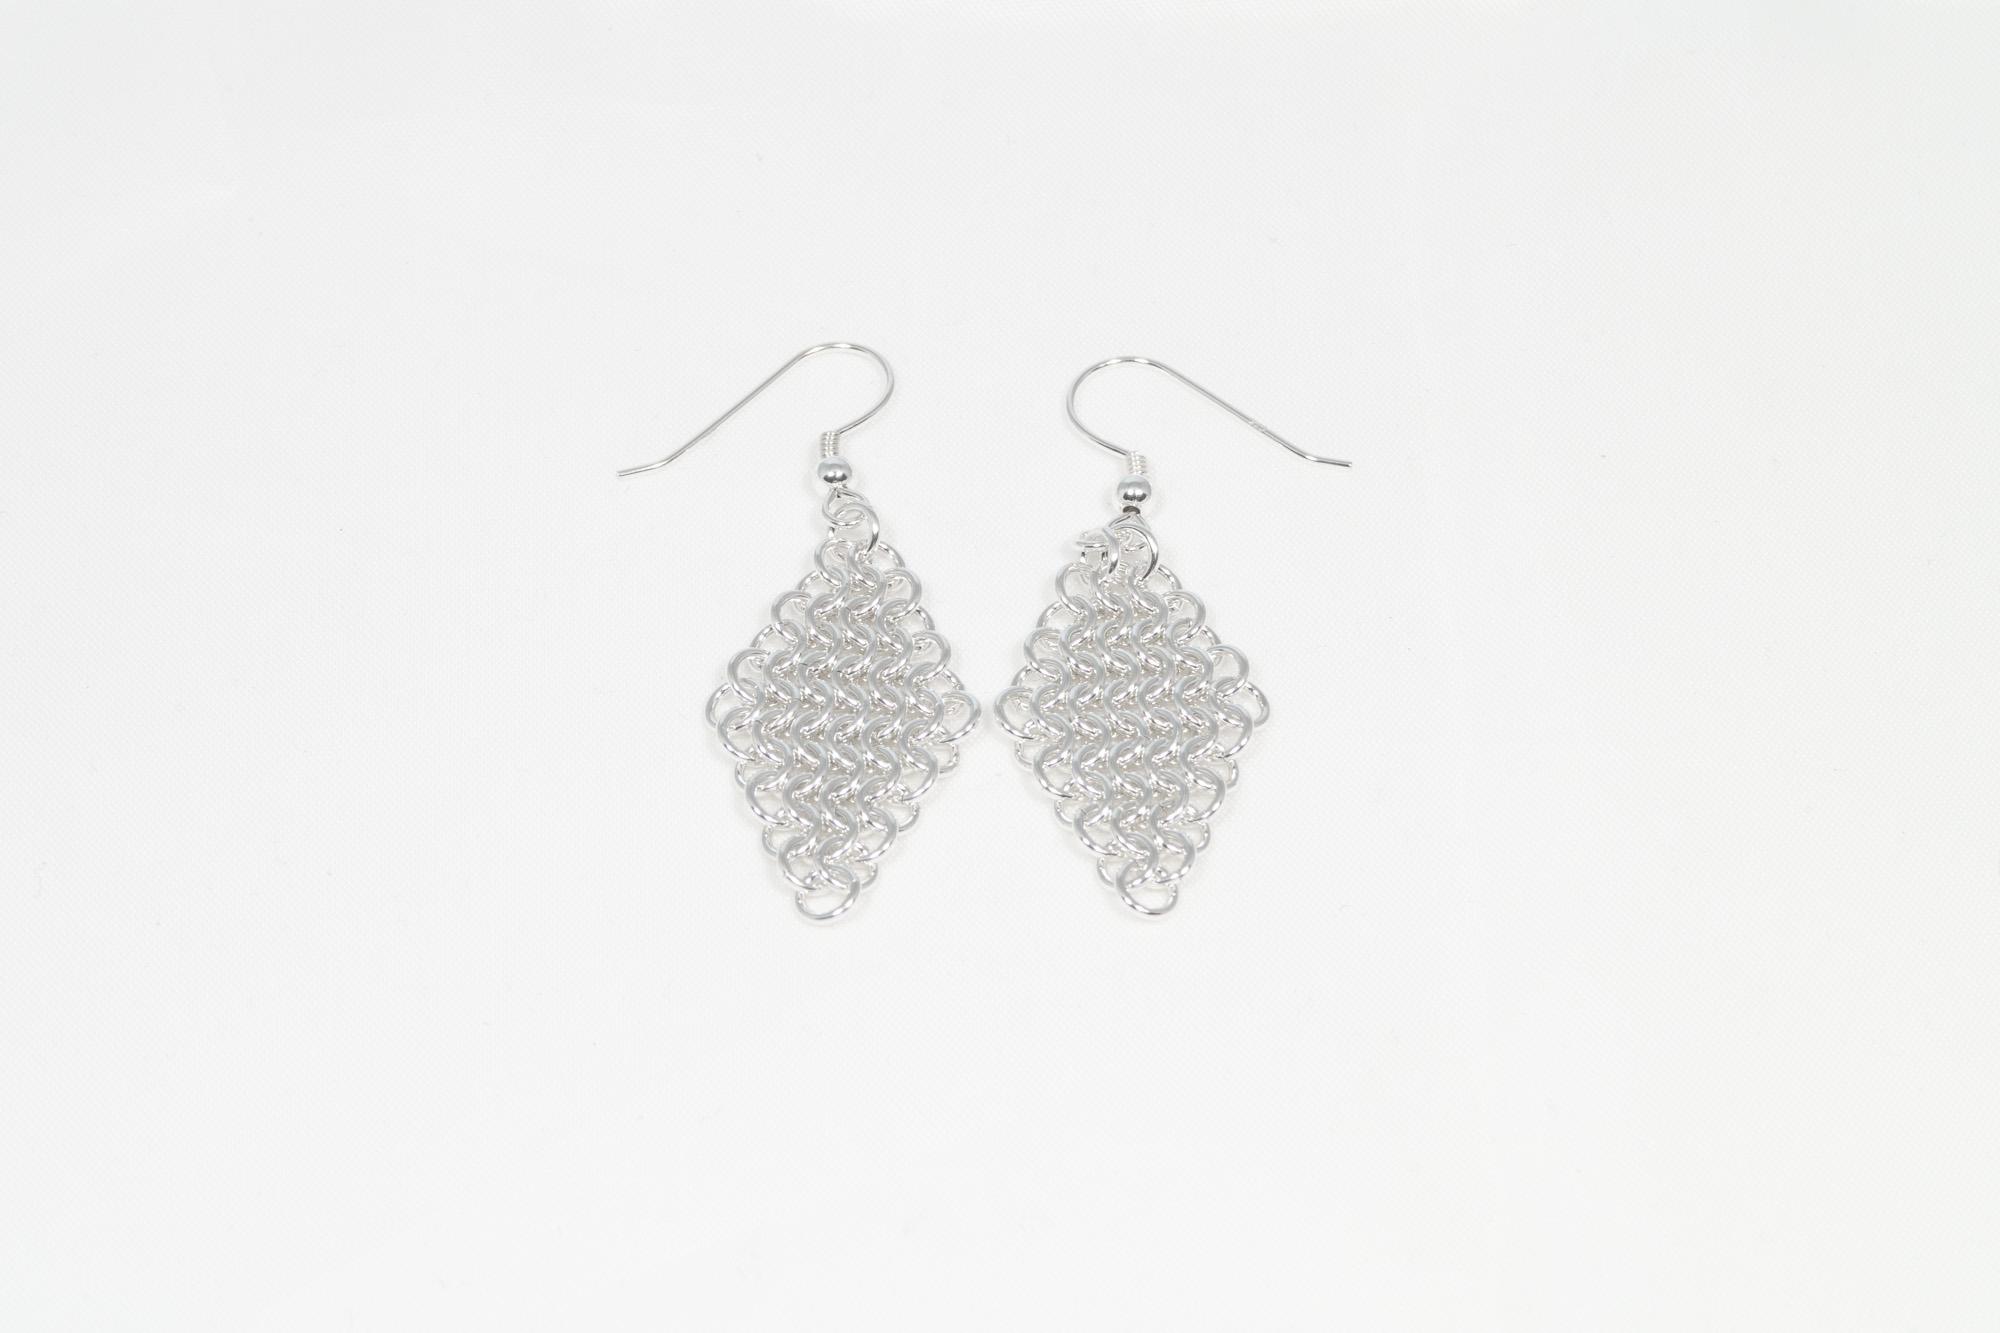 Brynje - øredobber sølv